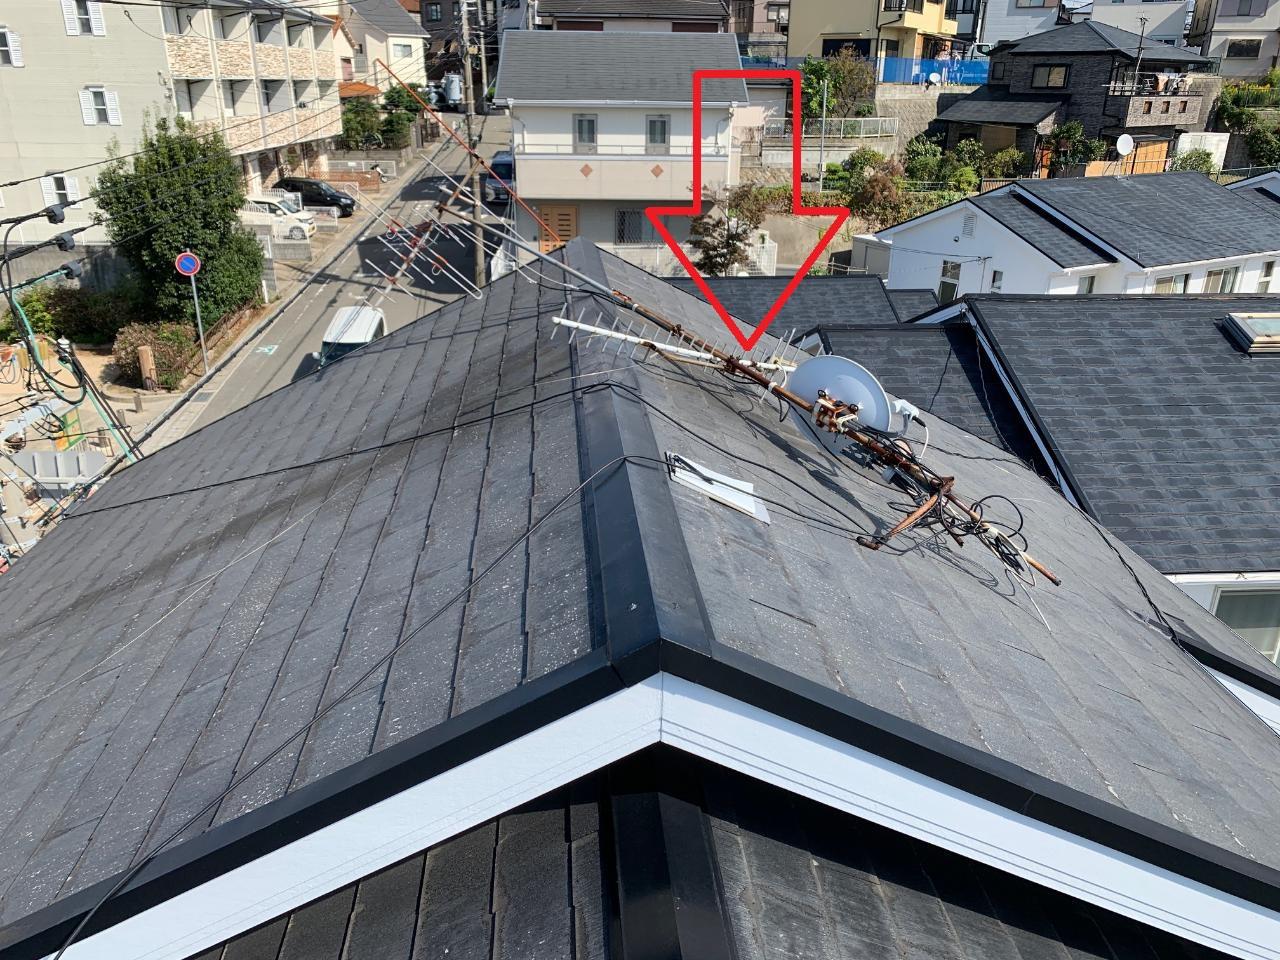 台風により屋根上のアンテナが倒壊している様子